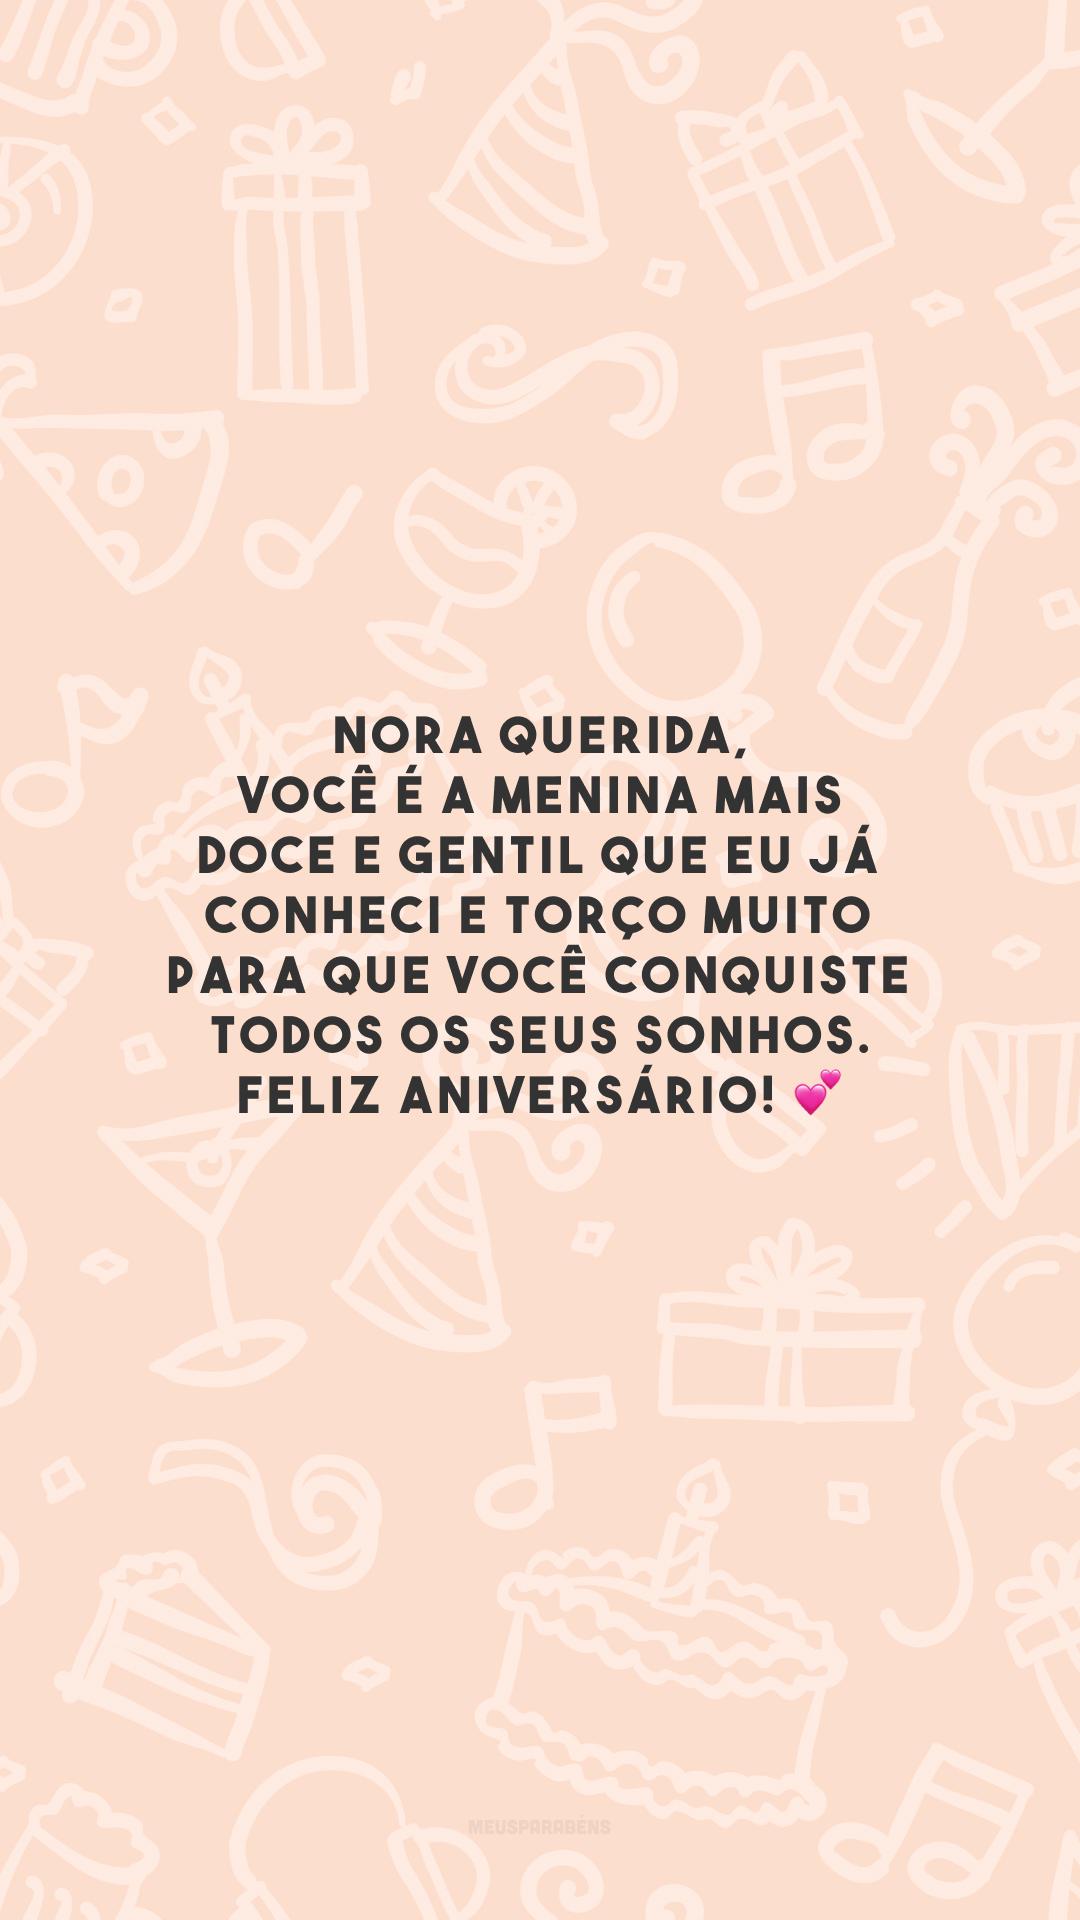 Nora querida, você é a menina mais doce e gentil que eu já conheci e torço muito para que você conquiste todos os seus sonhos. Feliz aniversário! 💕